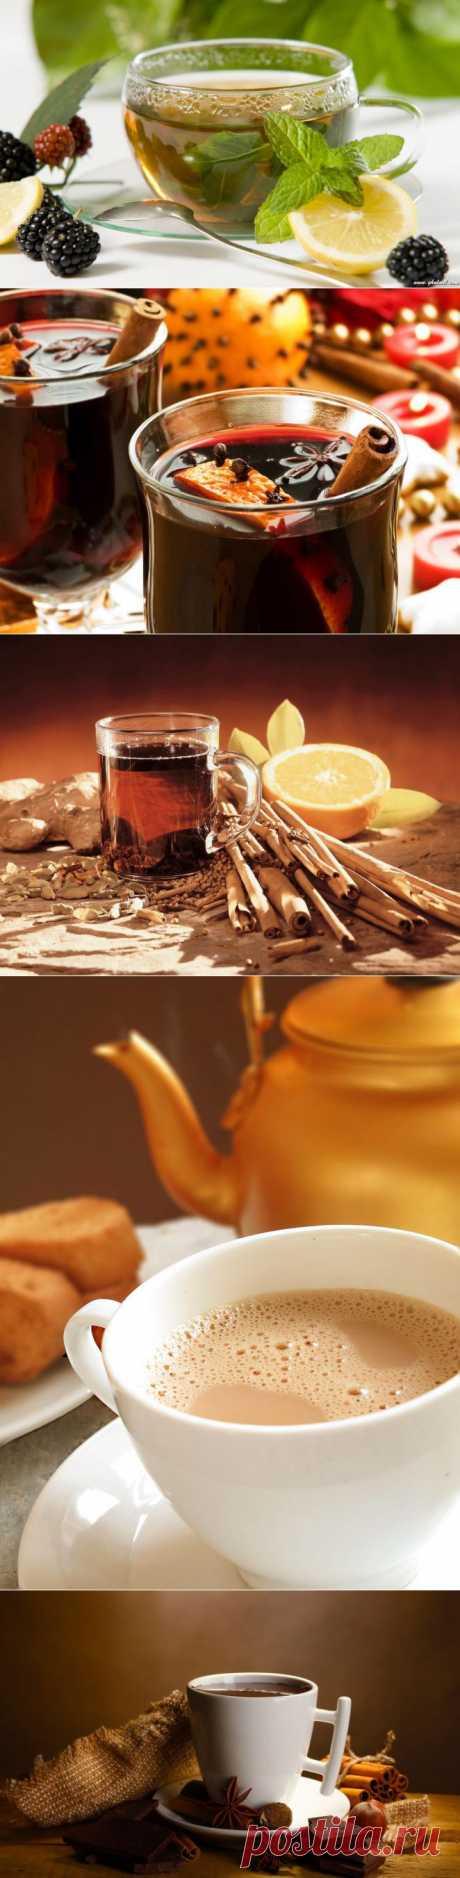 Как приготовить самые вкусные согревающие напитки : НОВОСТИ В ФОТОГРАФИЯХ